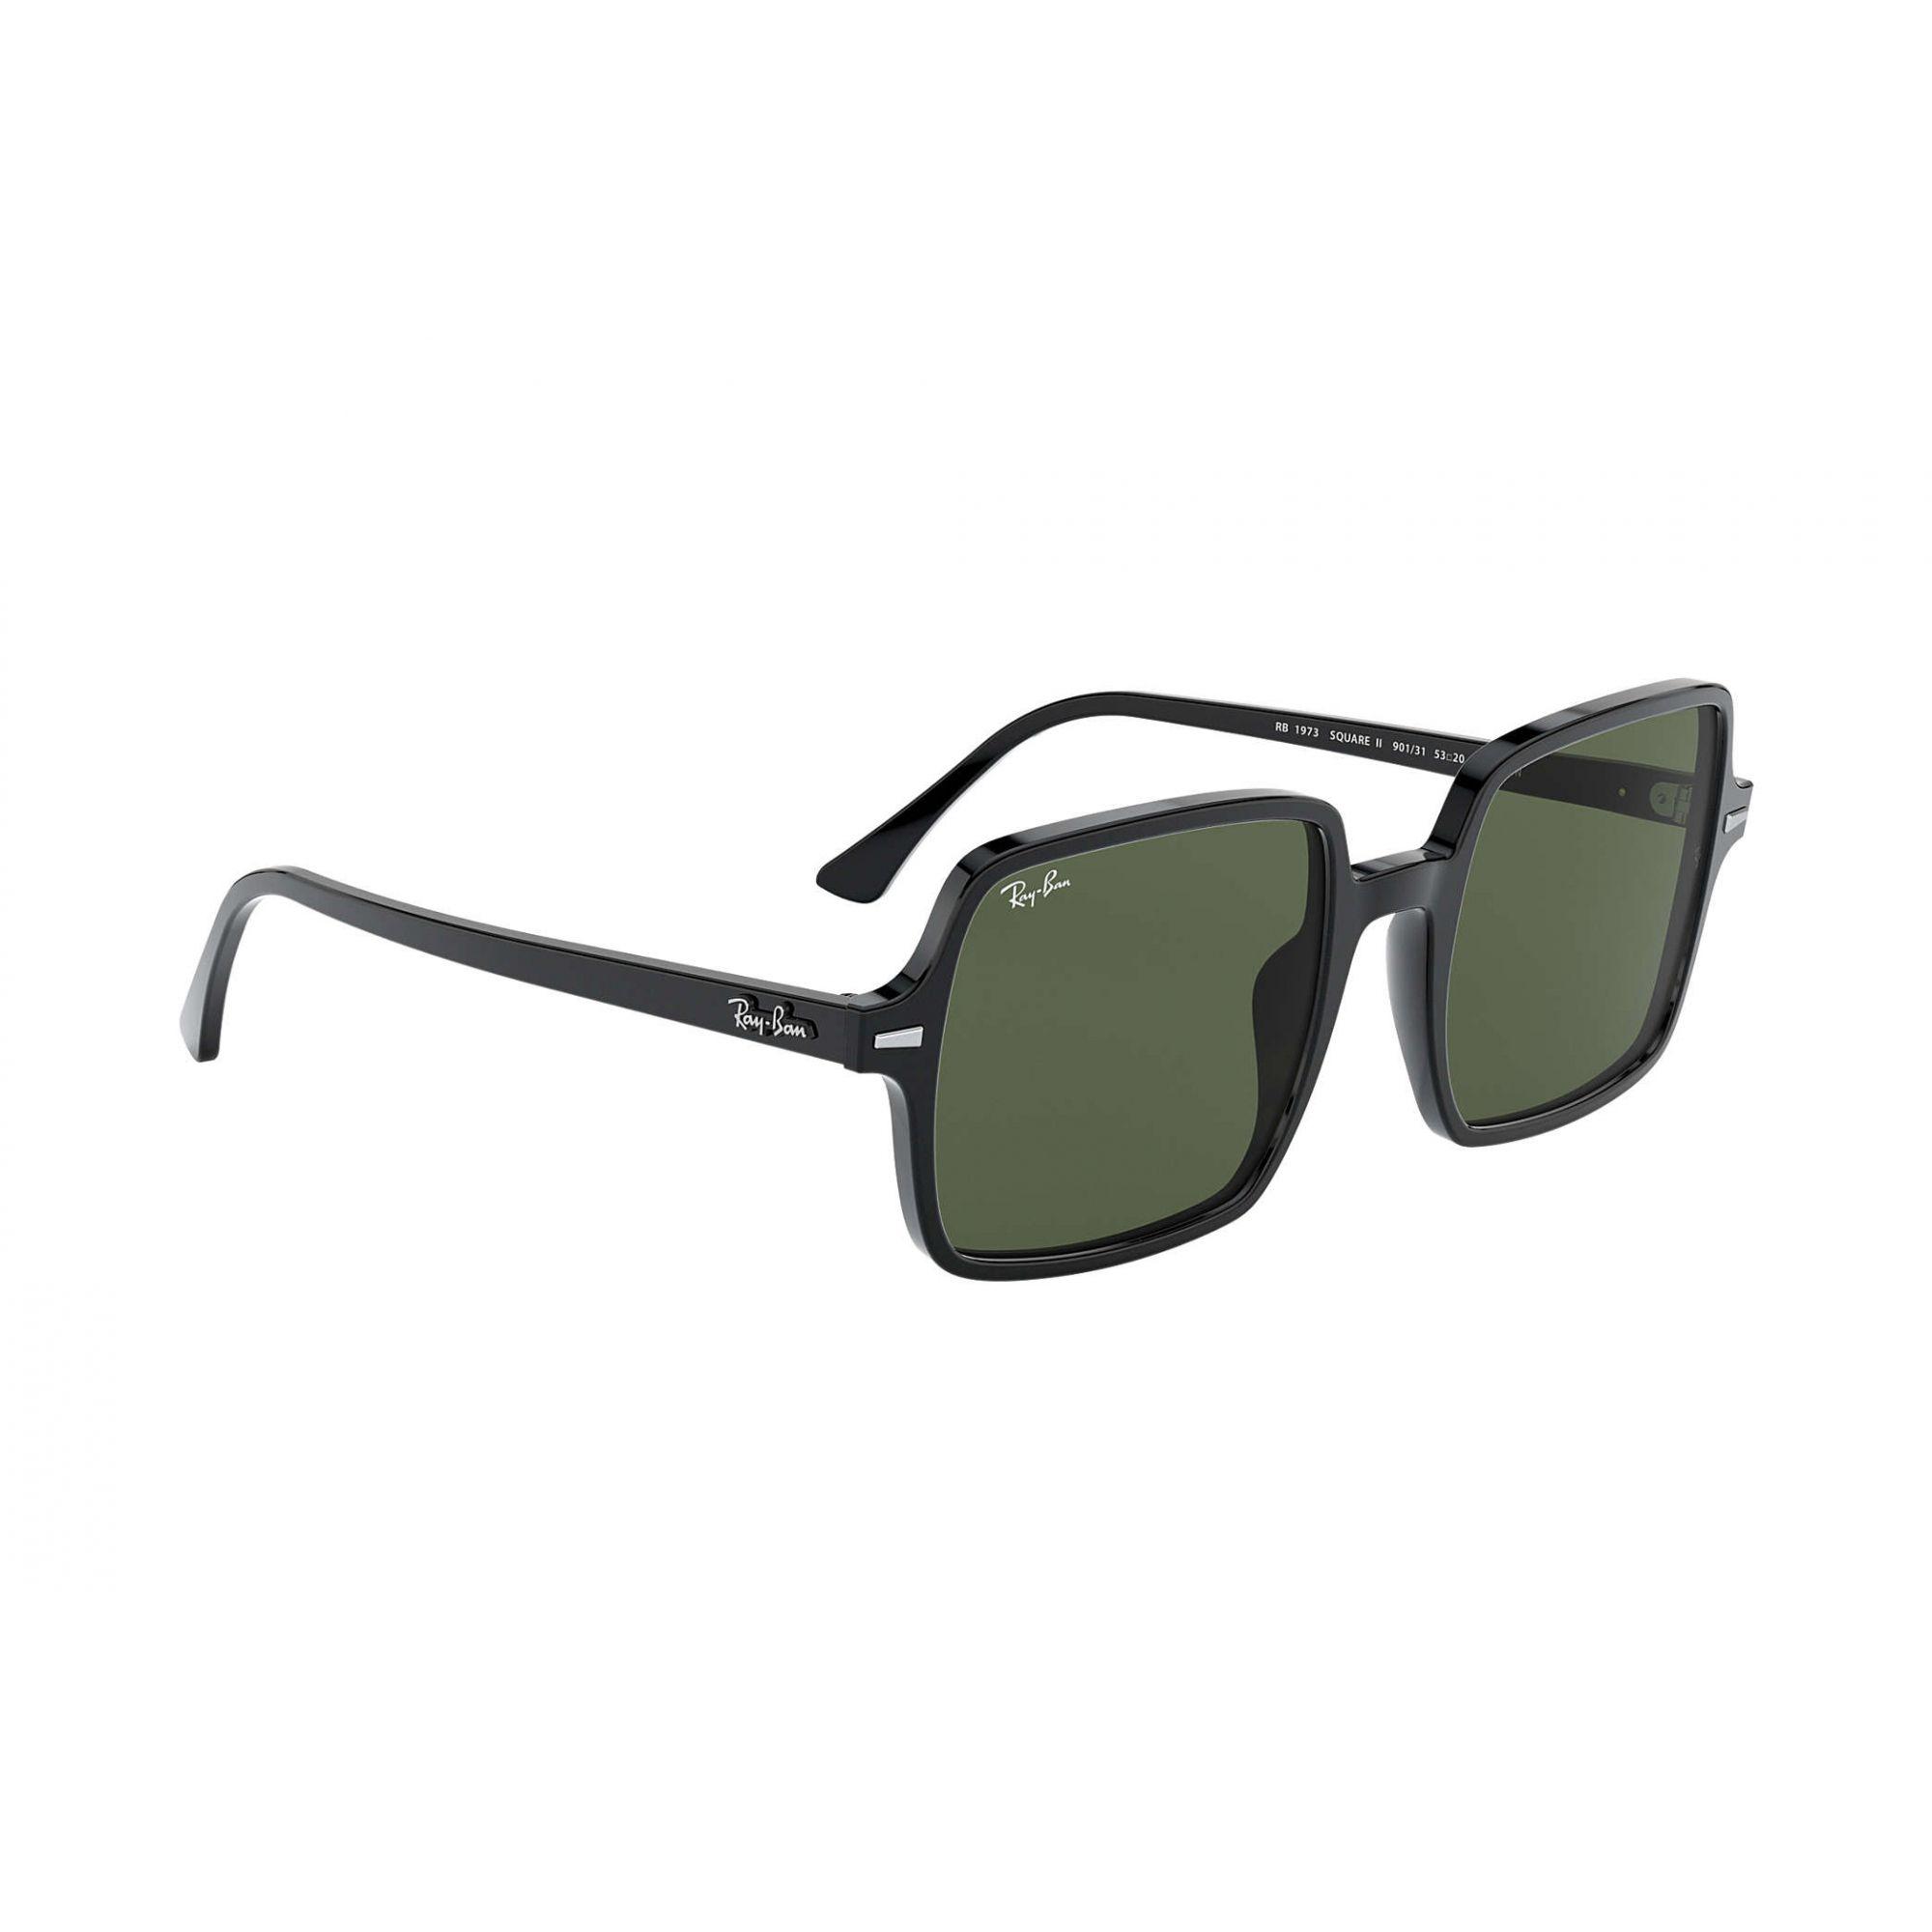 Ray Ban - RB1973 90131 - Óculos de sol